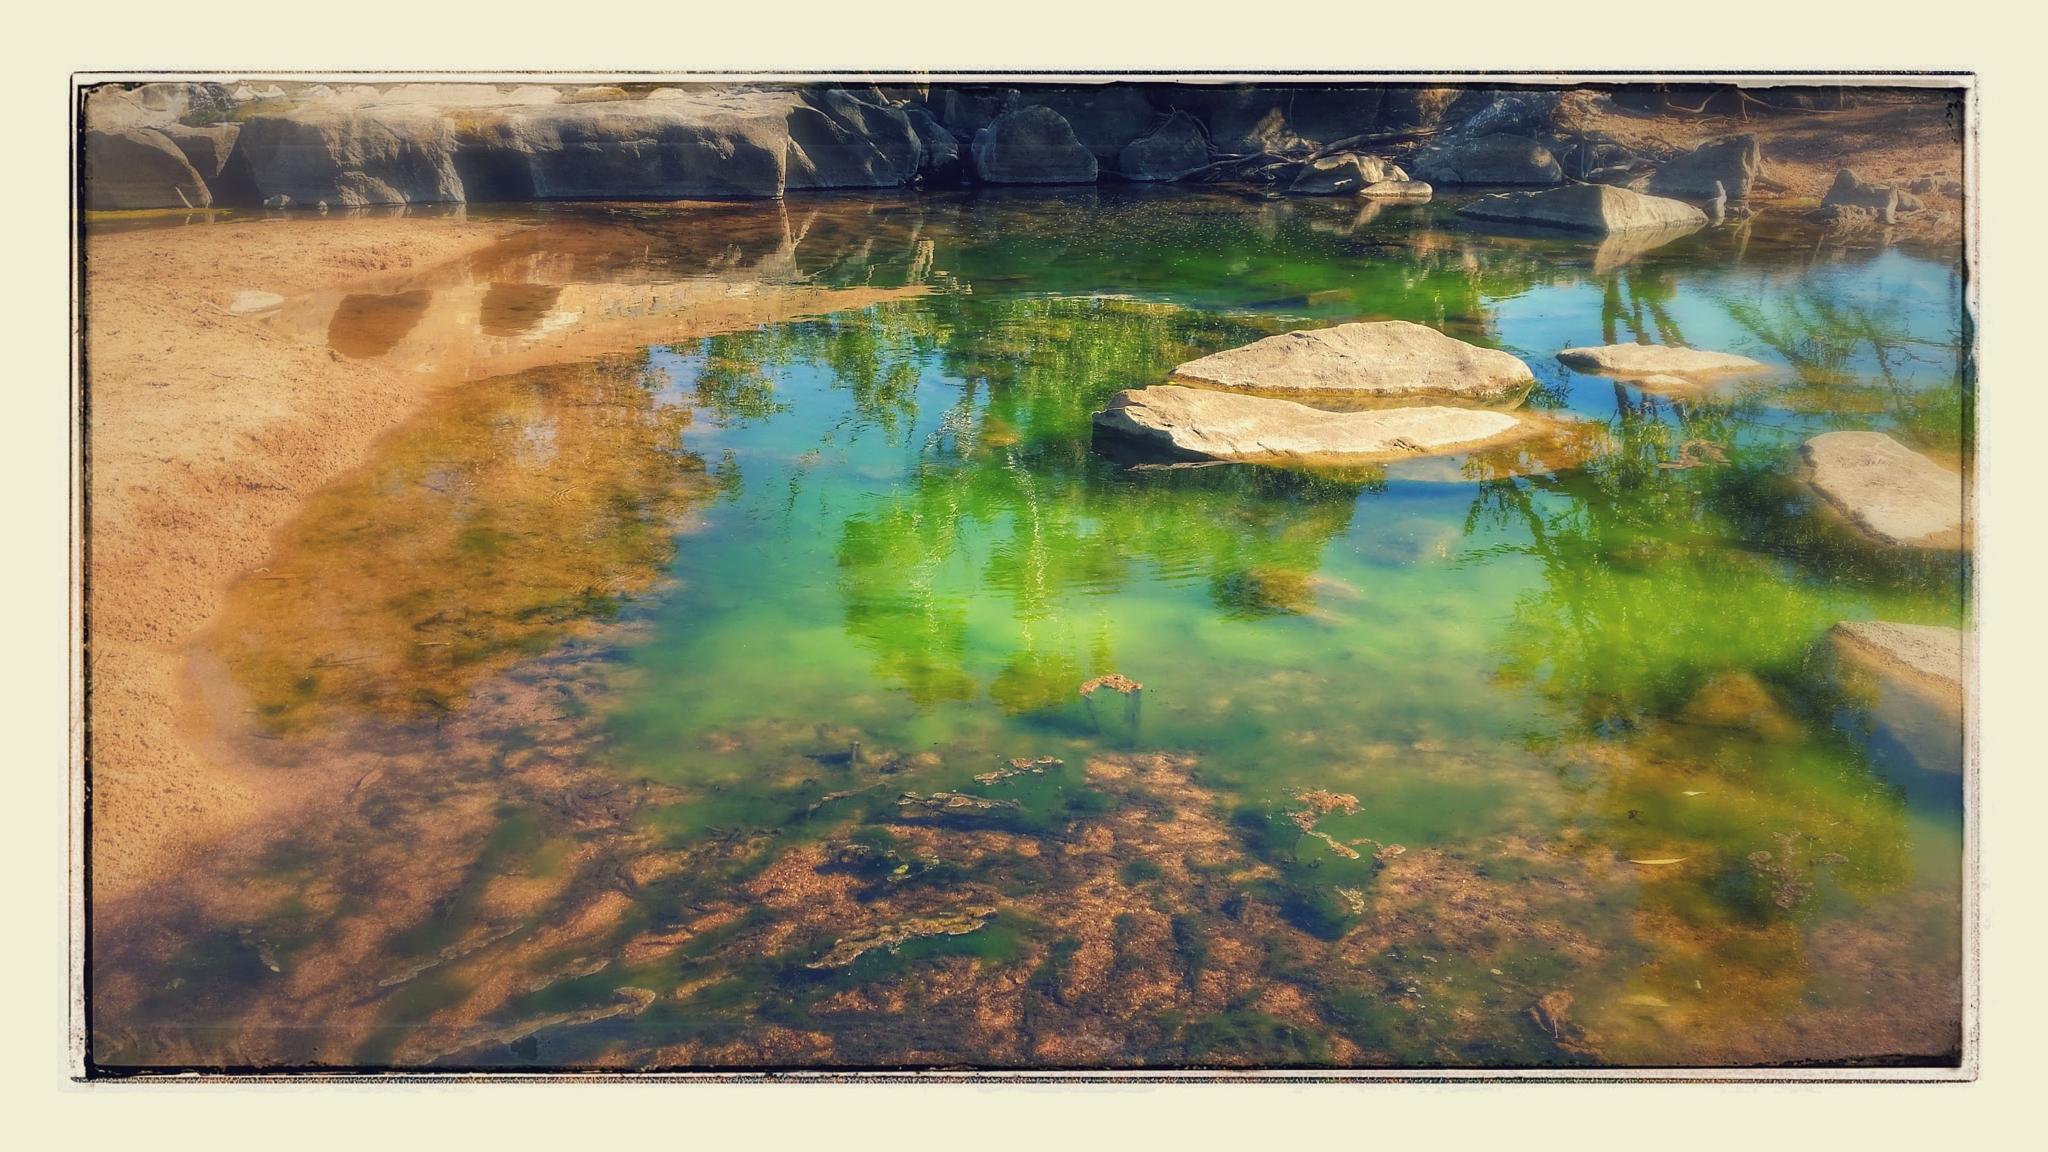 Green Slime by kiwikyla